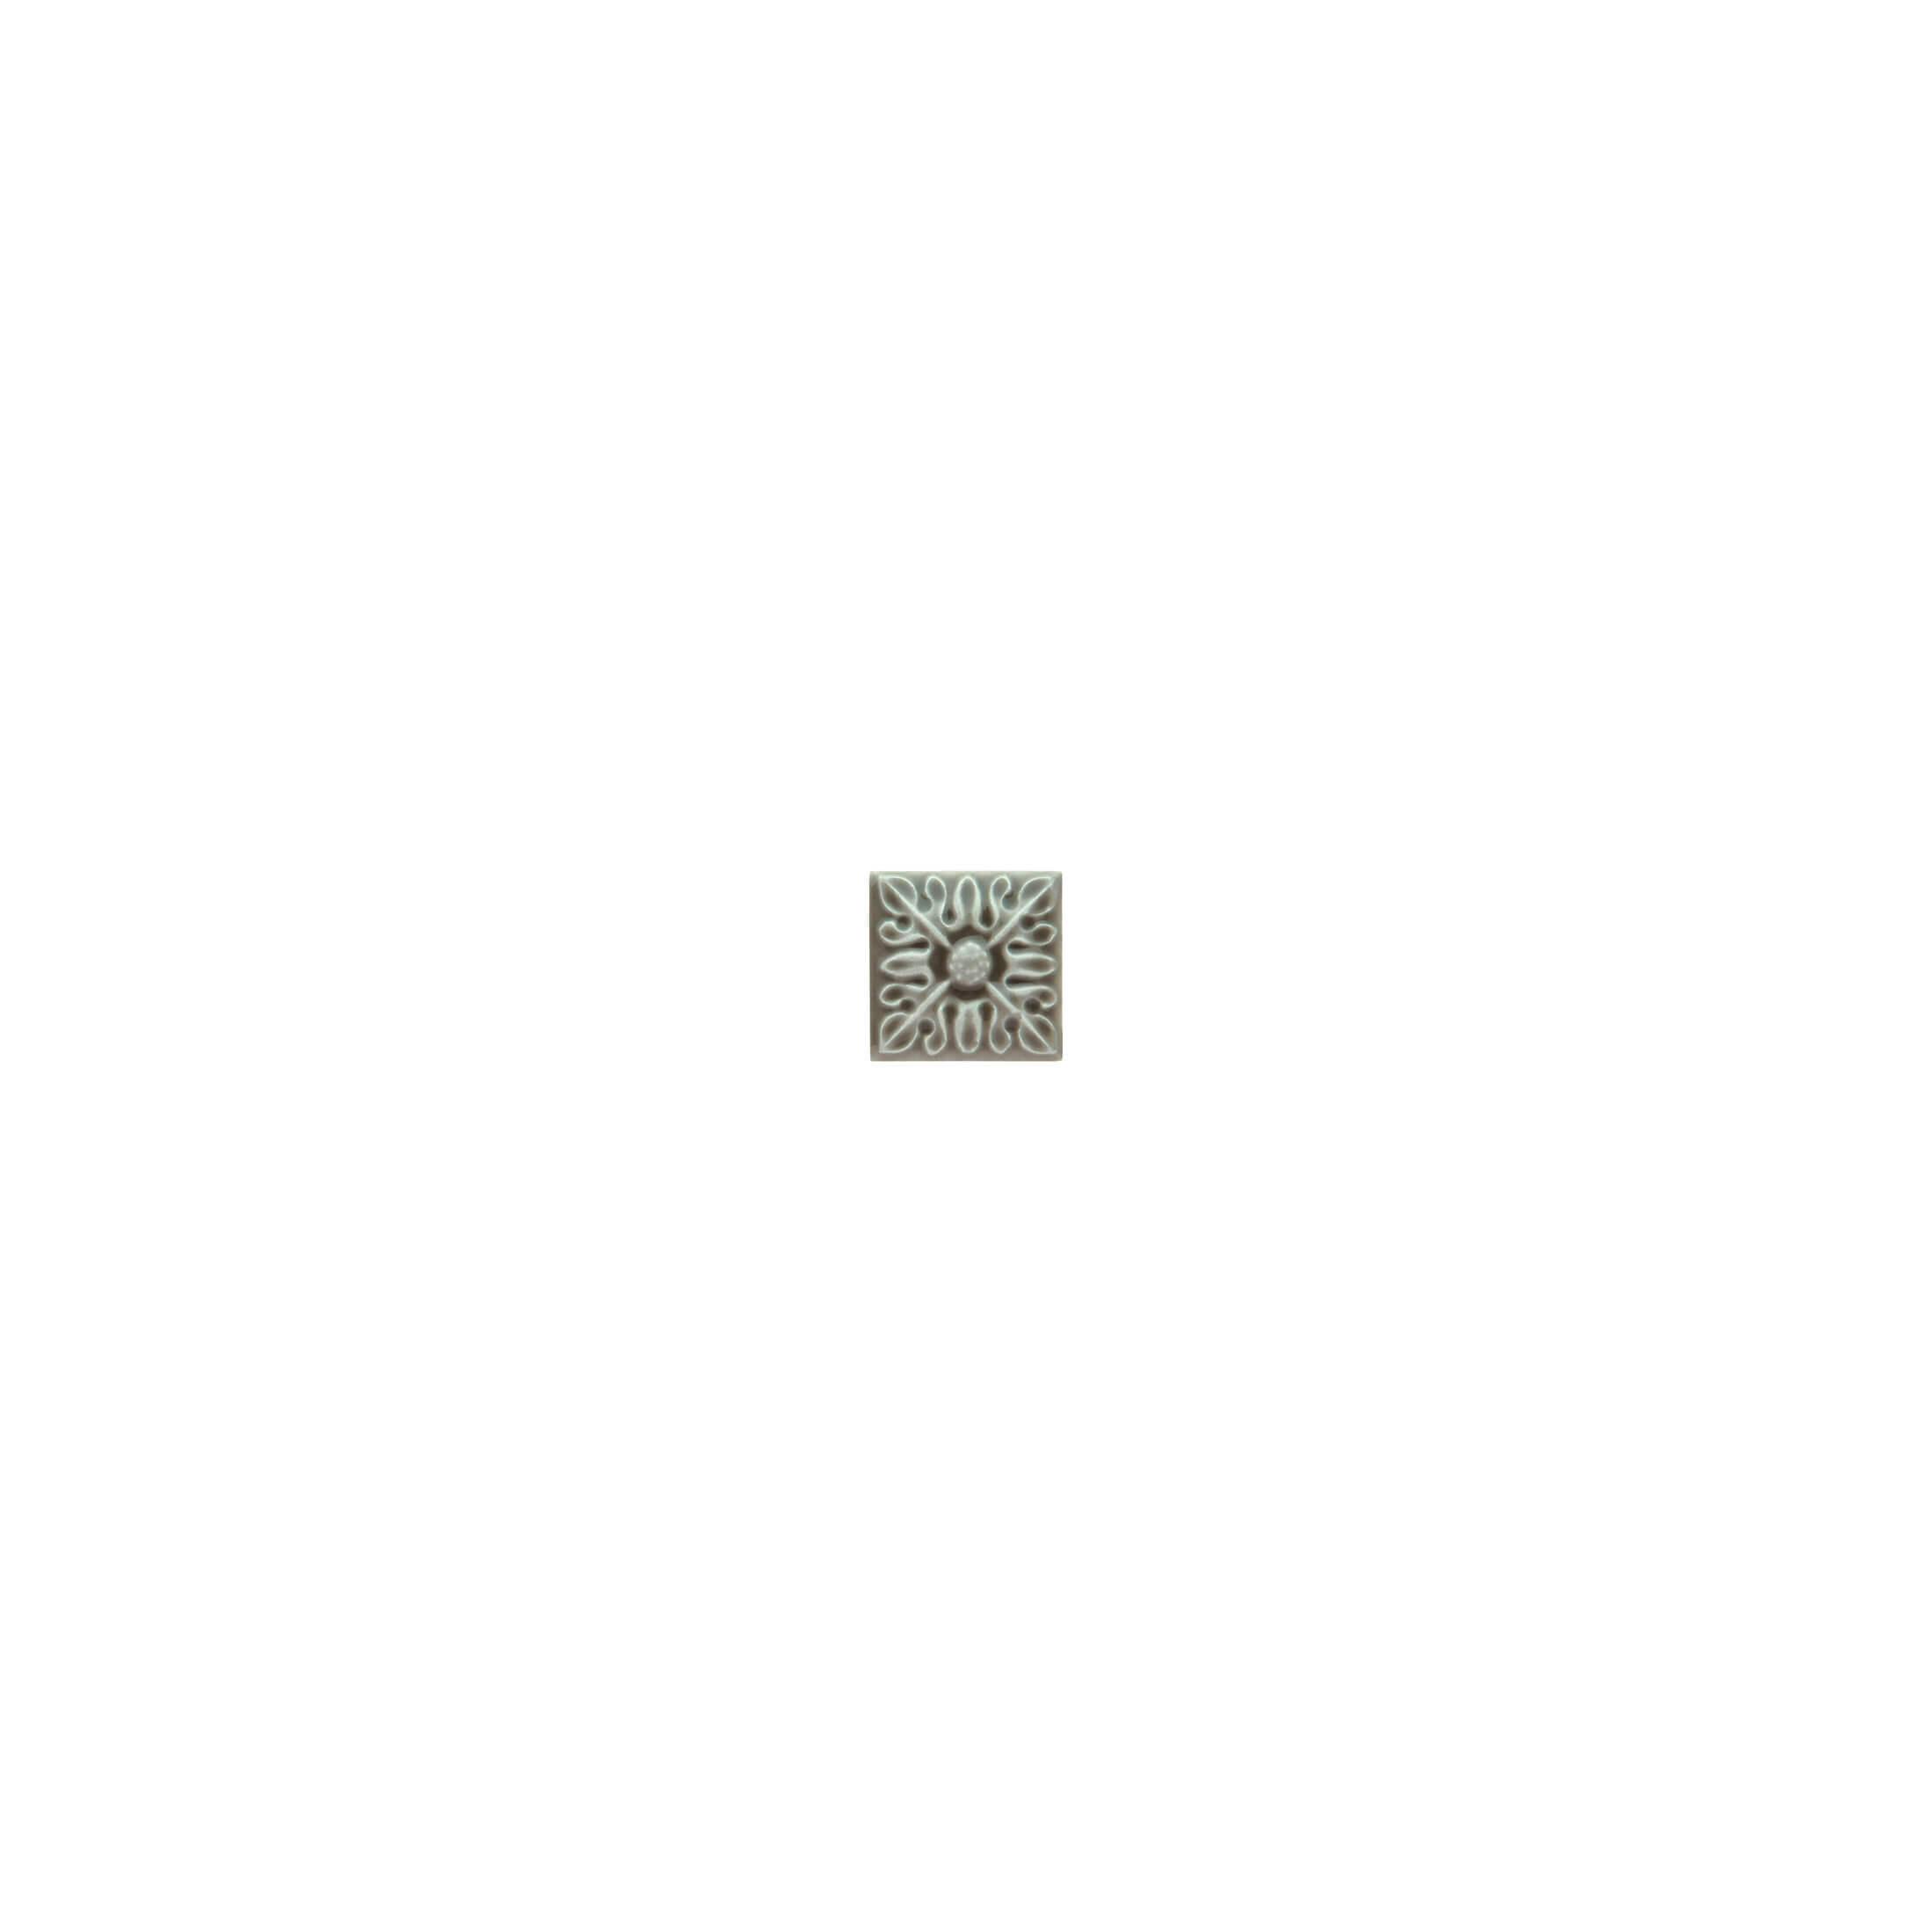 ADST4063 - TACO RELIEVE FLOR Nº 2 - 3 cm X 3 cm